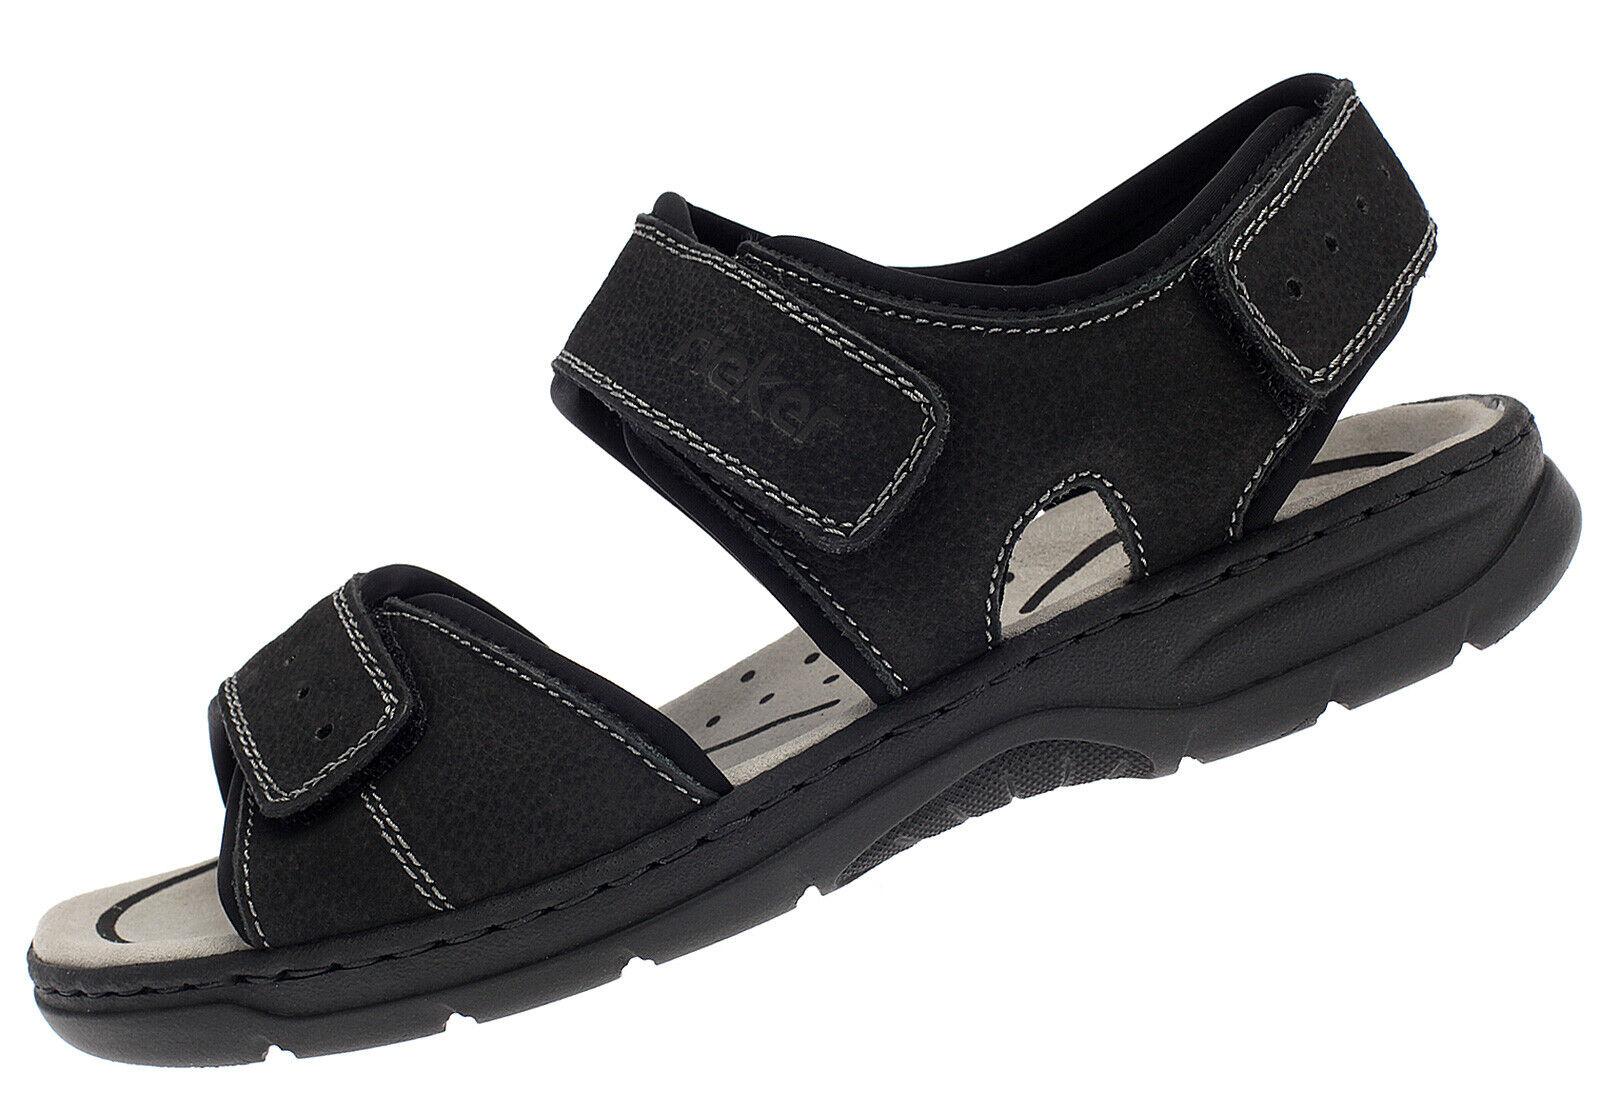 Rieker Herren Sandalen Leder Klett Sommer Schuhe 26274-00 schwarz